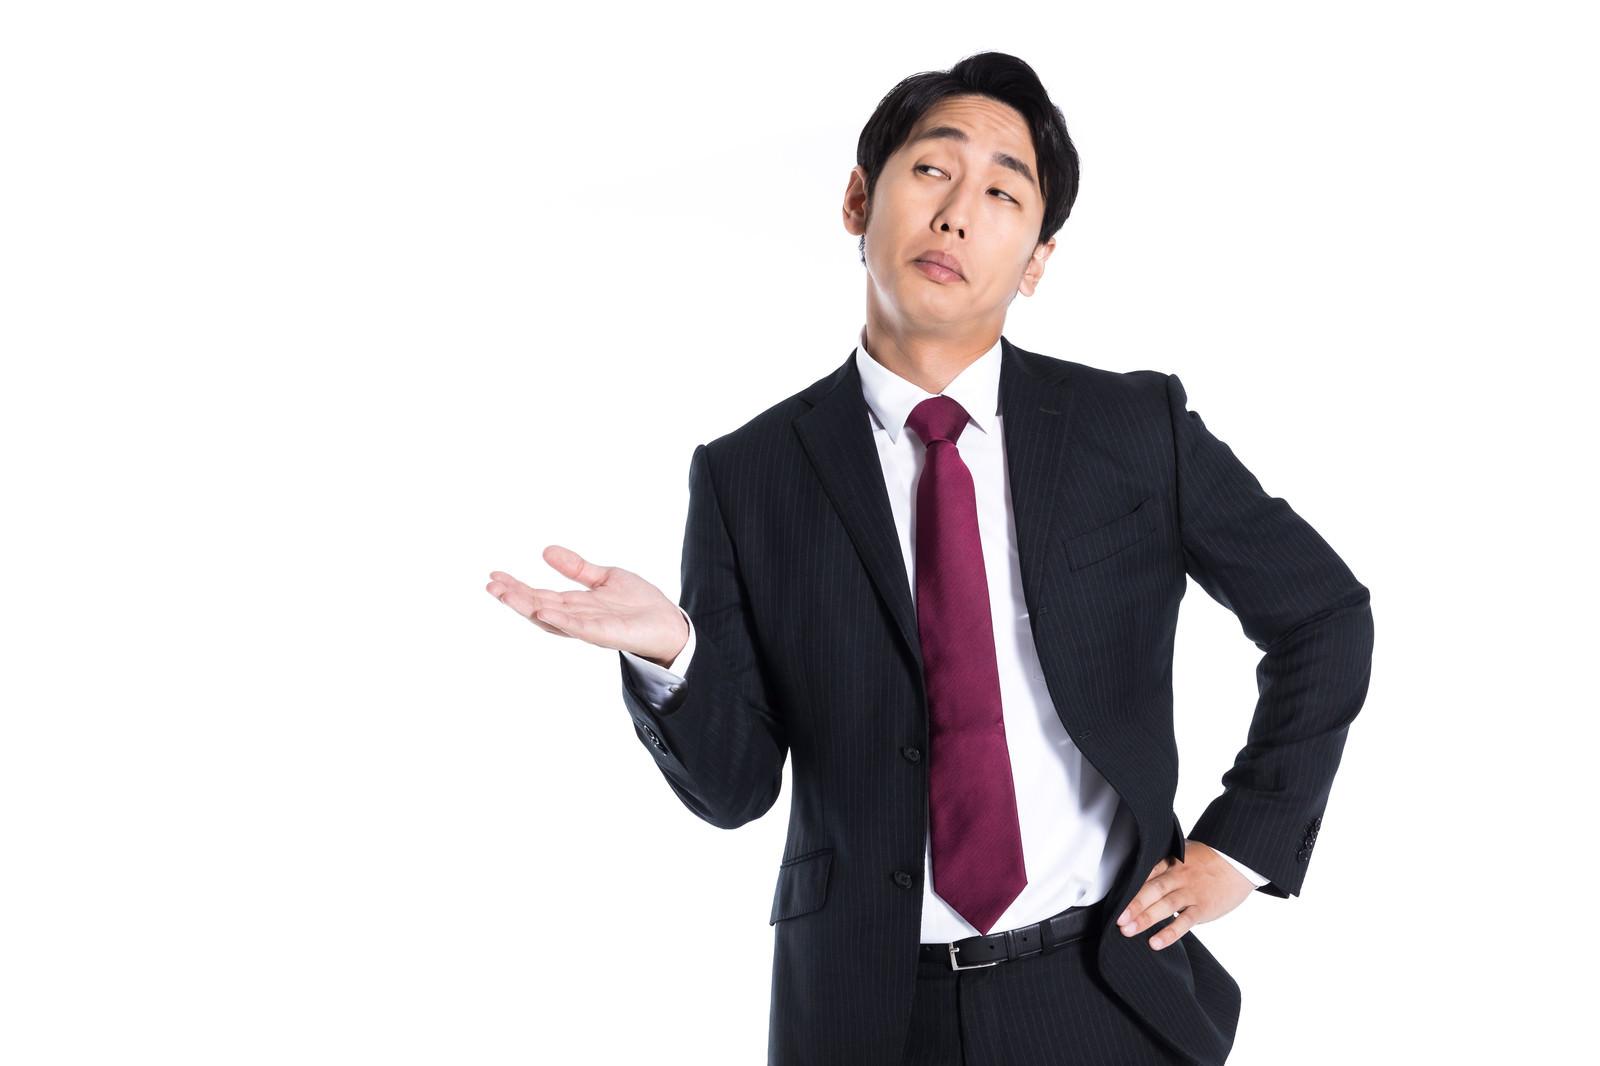 「挑発的な態度で案内する男性」の写真[モデル:大川竜弥]